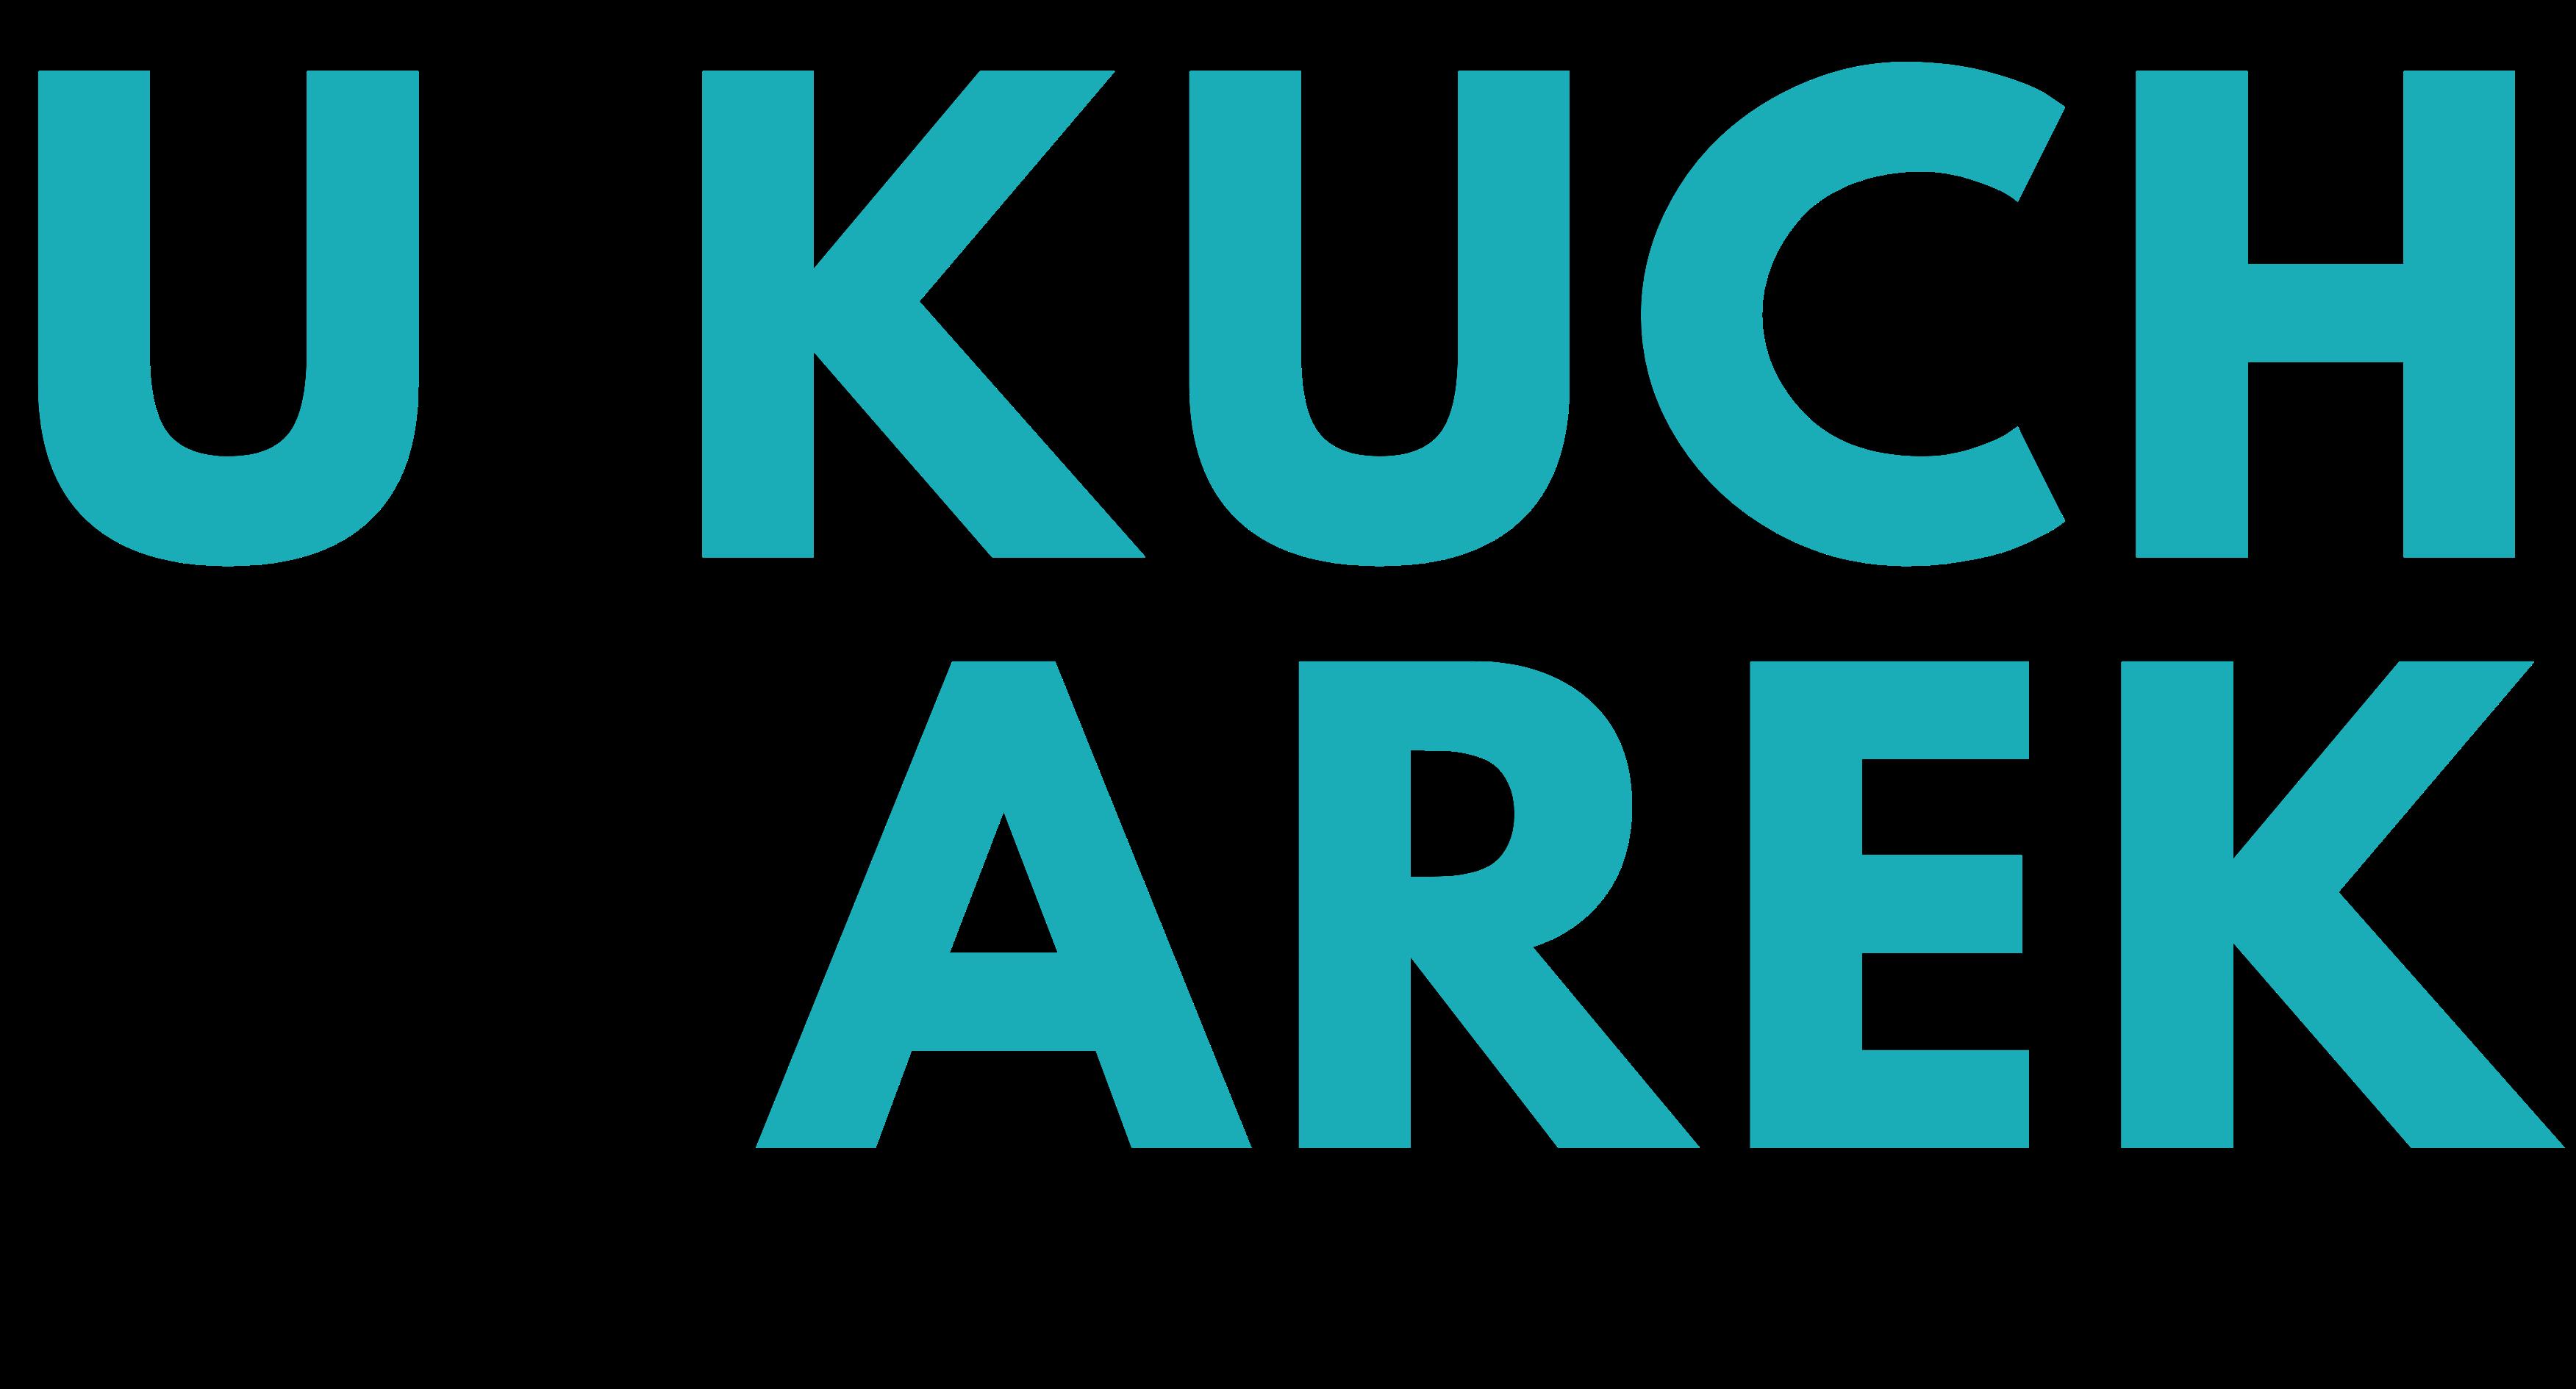 U Kucharek